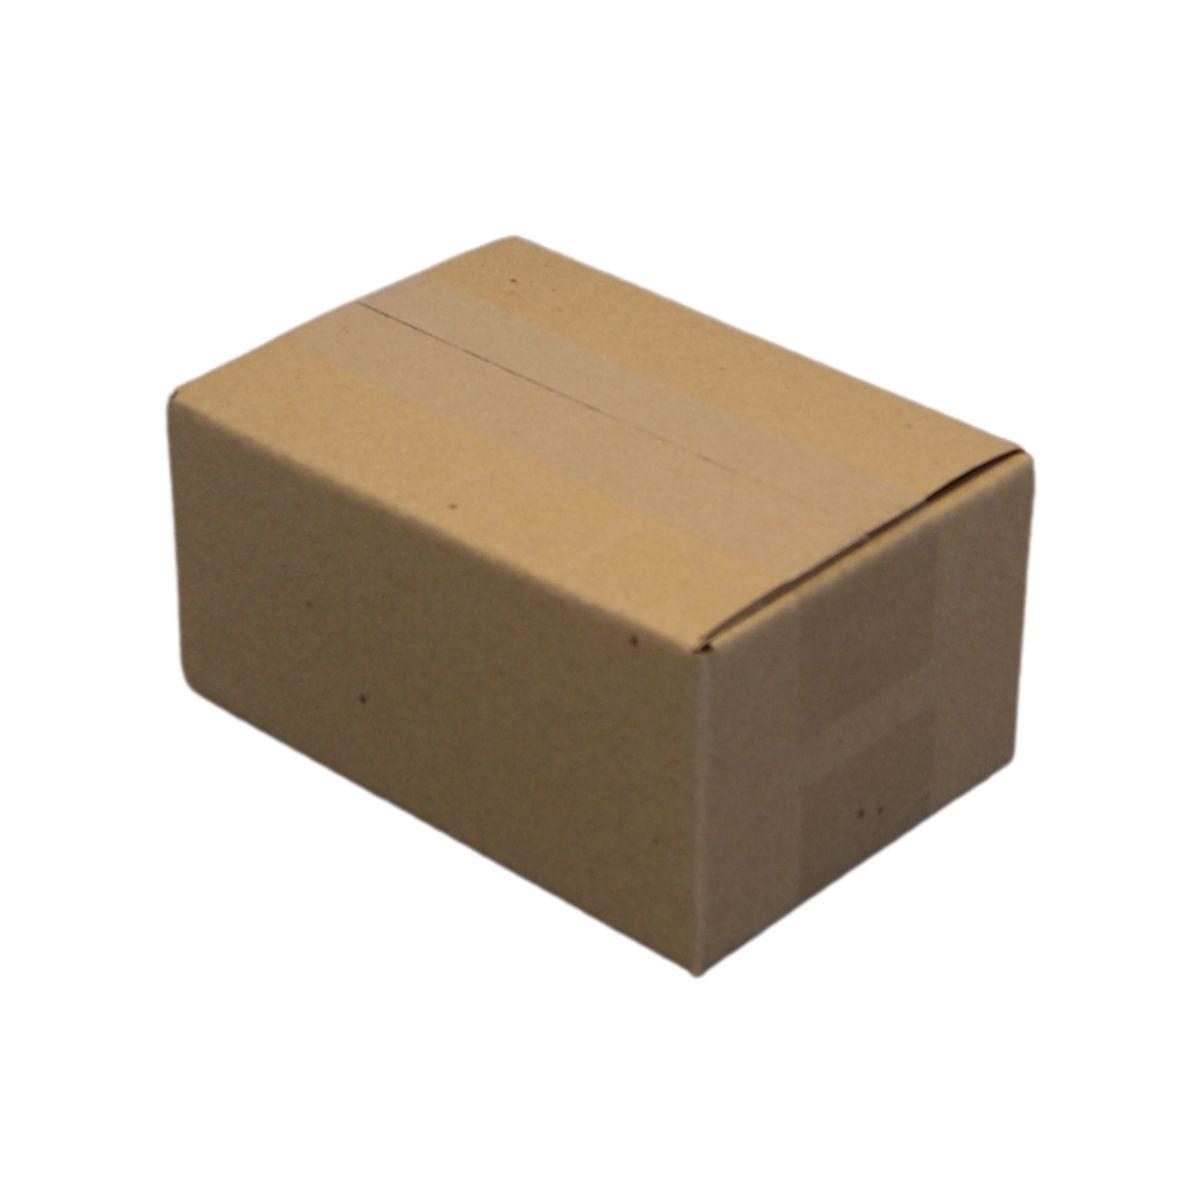 50 Caixas de Papelao (16X11X8)cm - Sedex / Pac / Correios